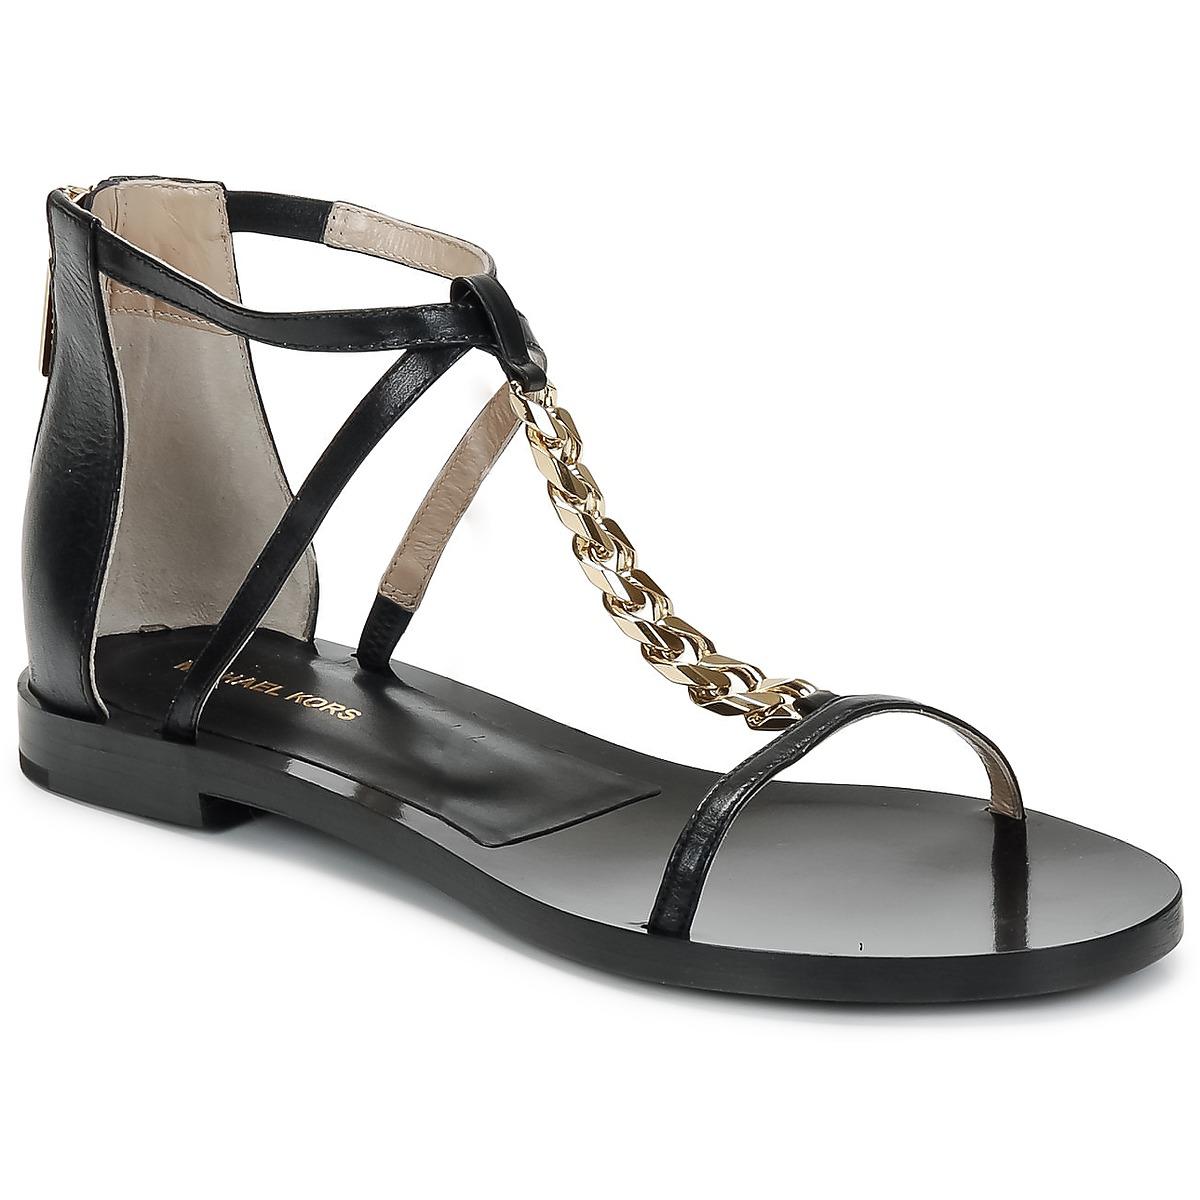 Sandale Michael Kors ECO LUX Noir